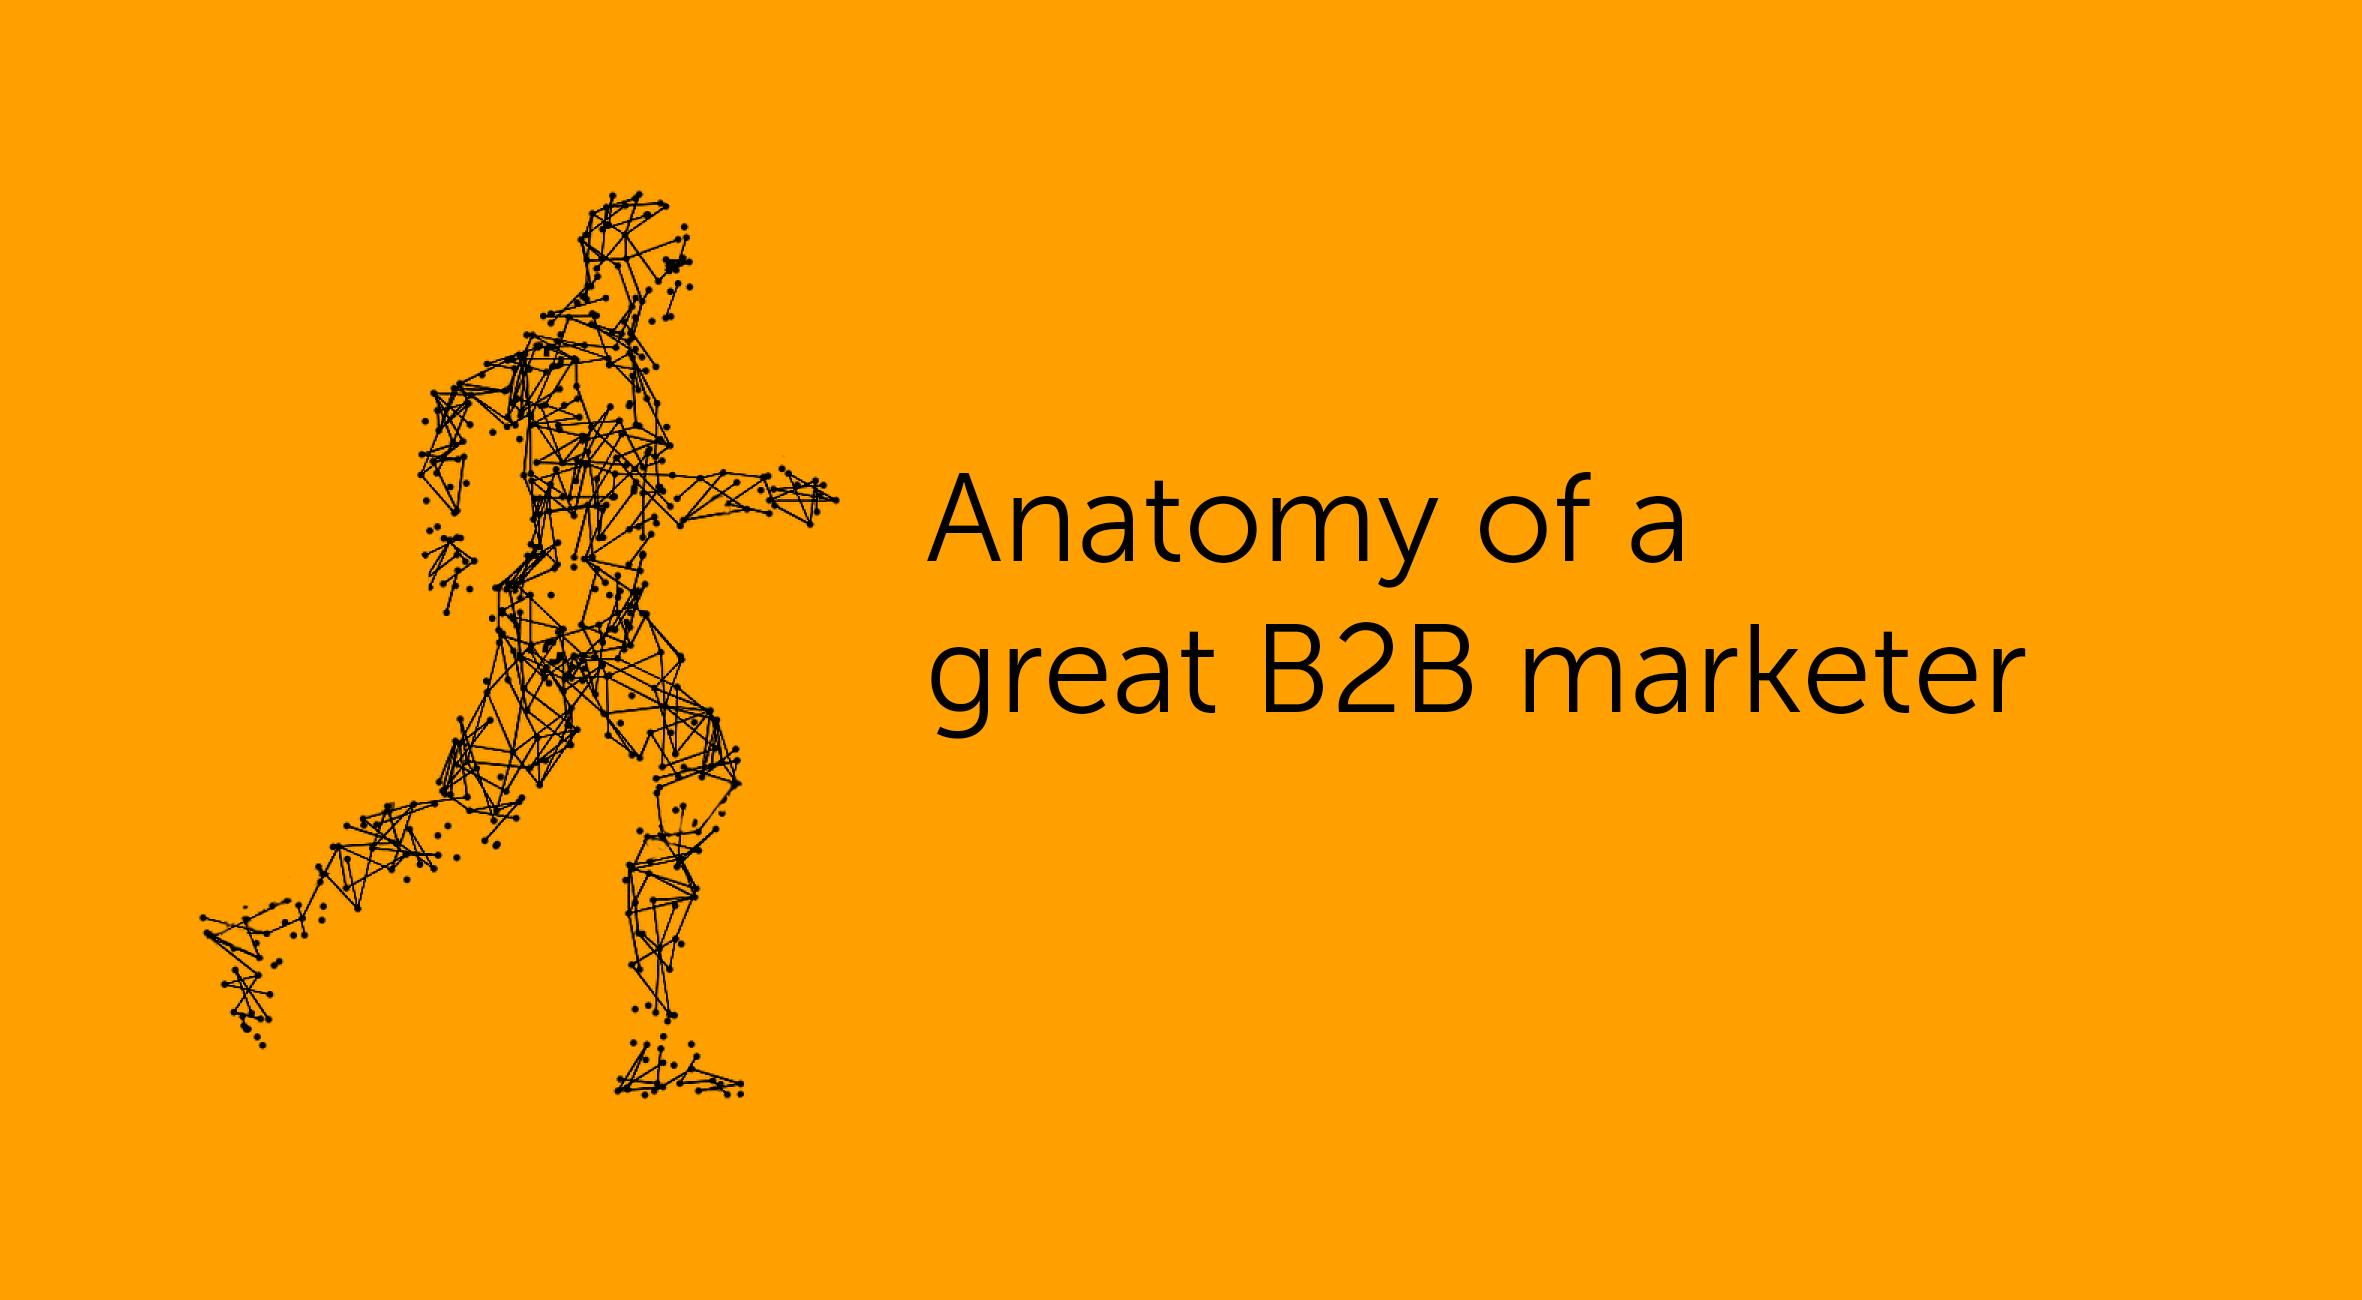 Anatomy of B2B marketer